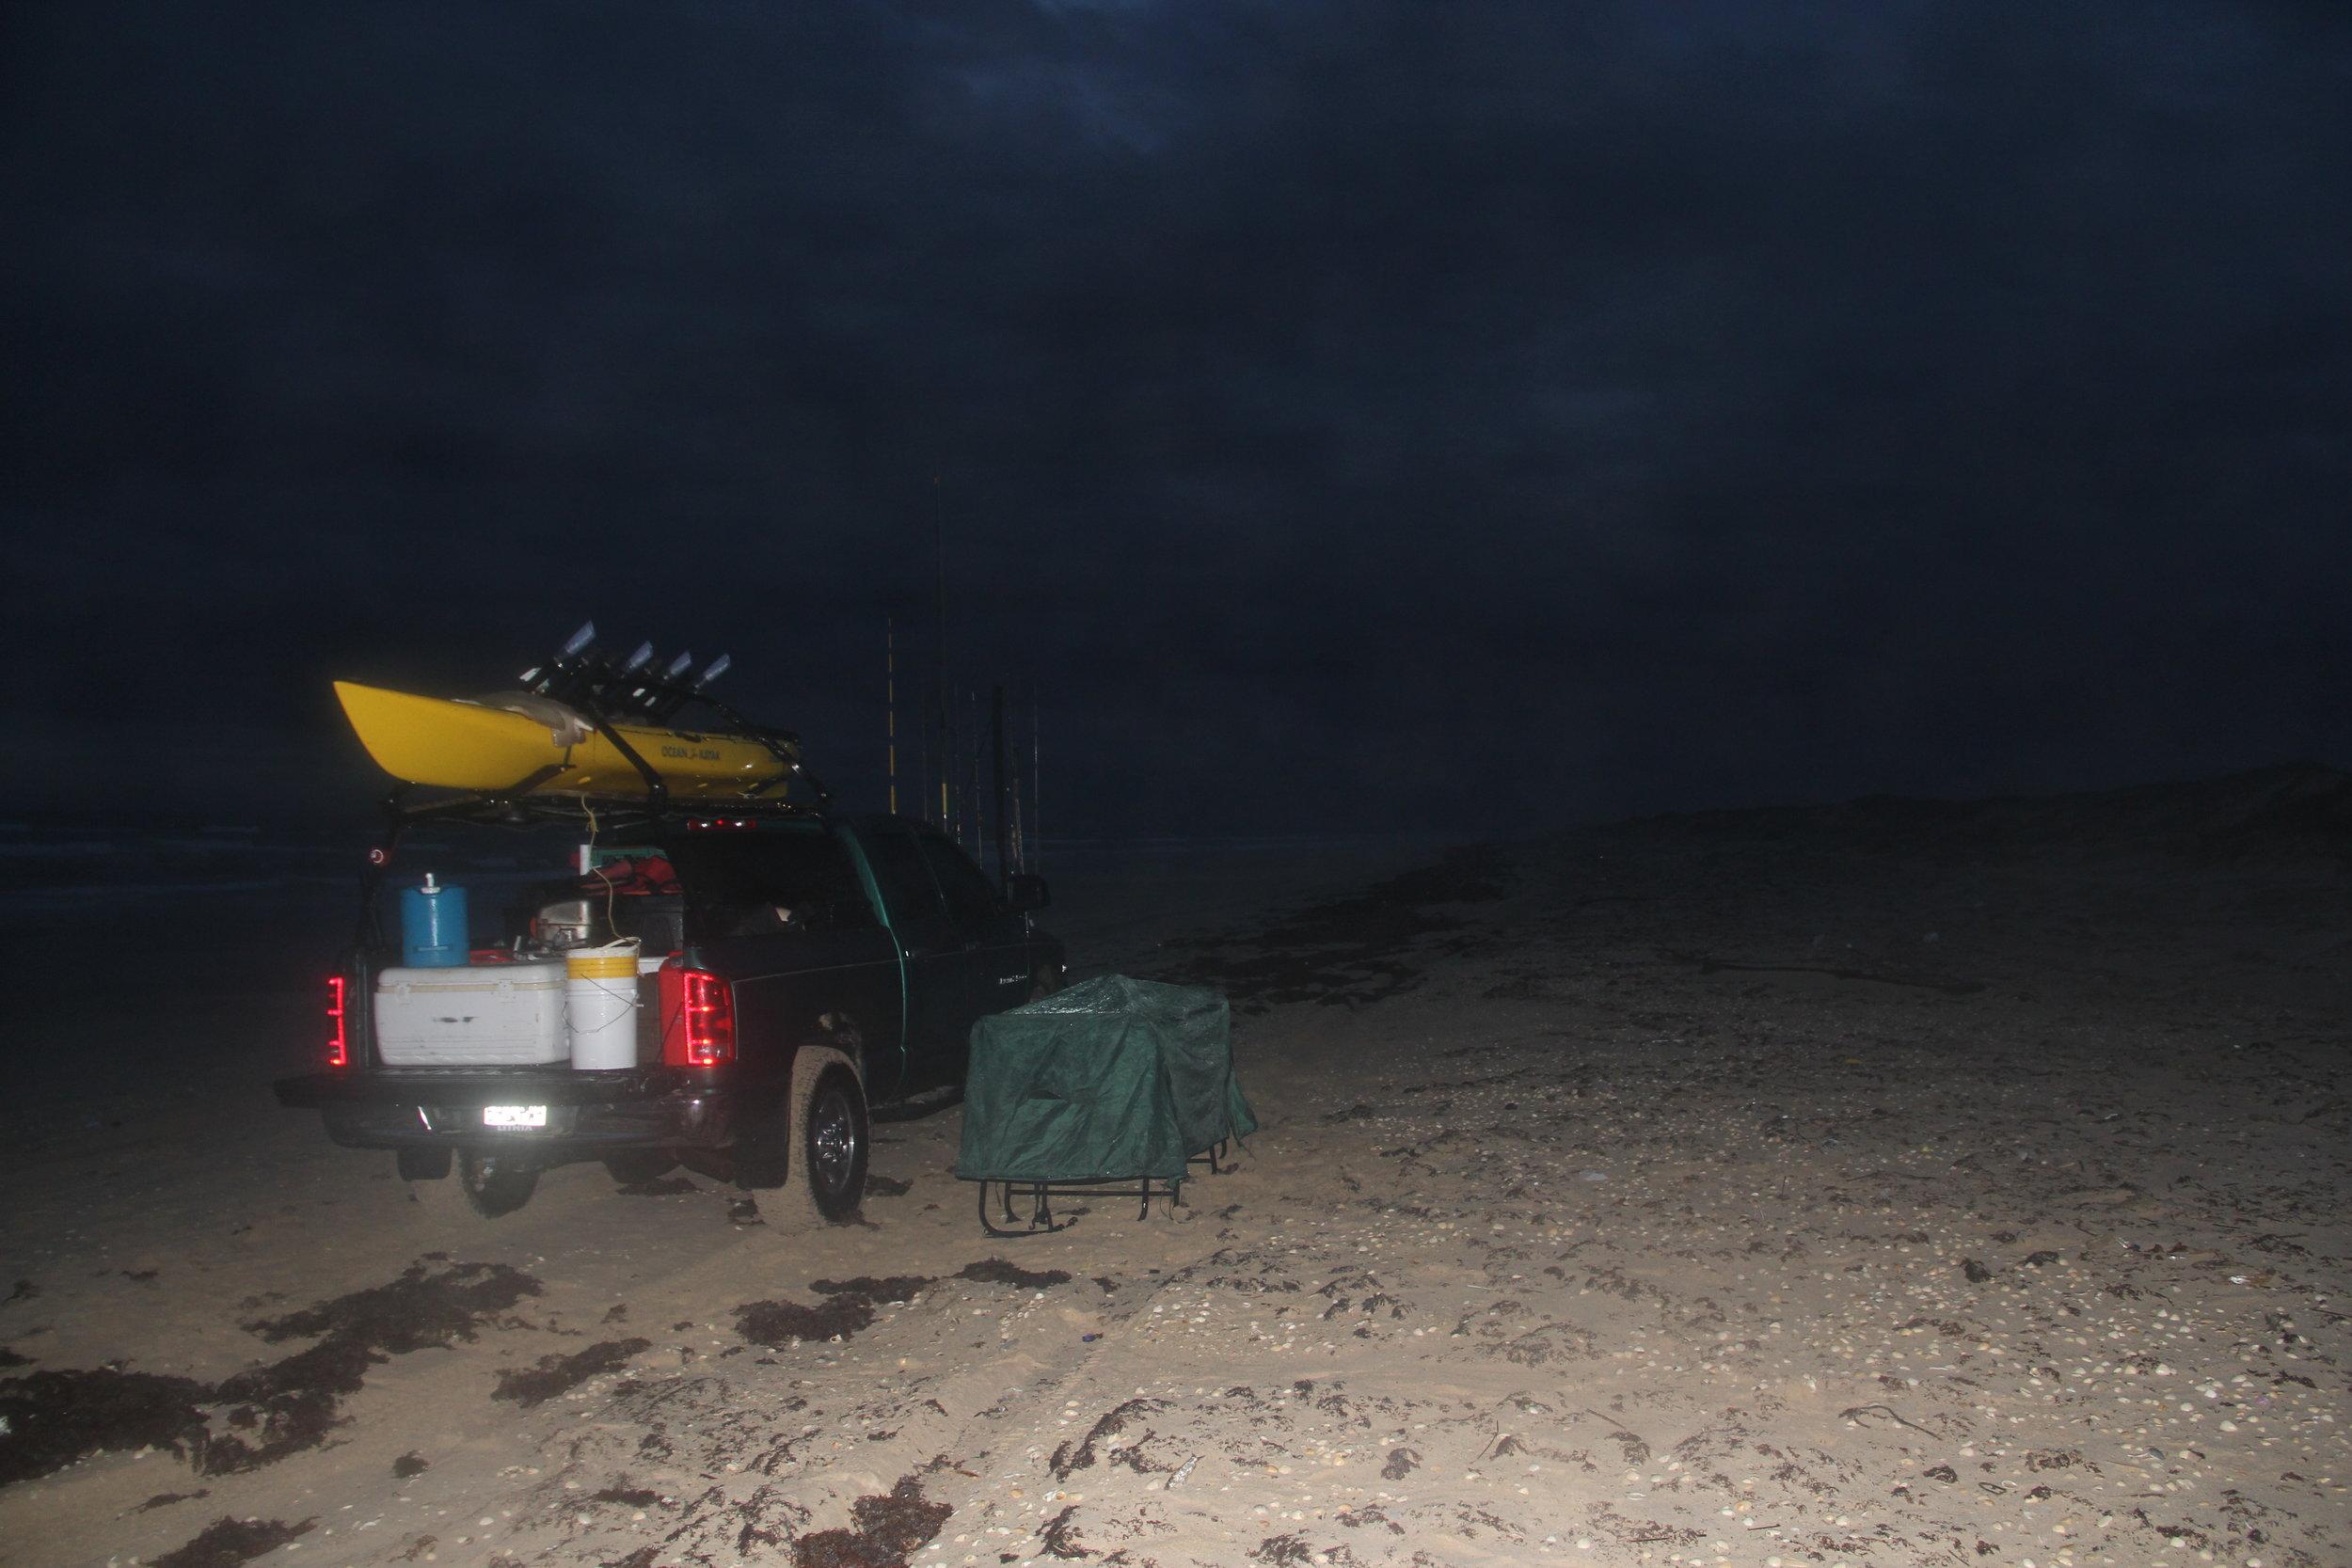 Rainy night in February